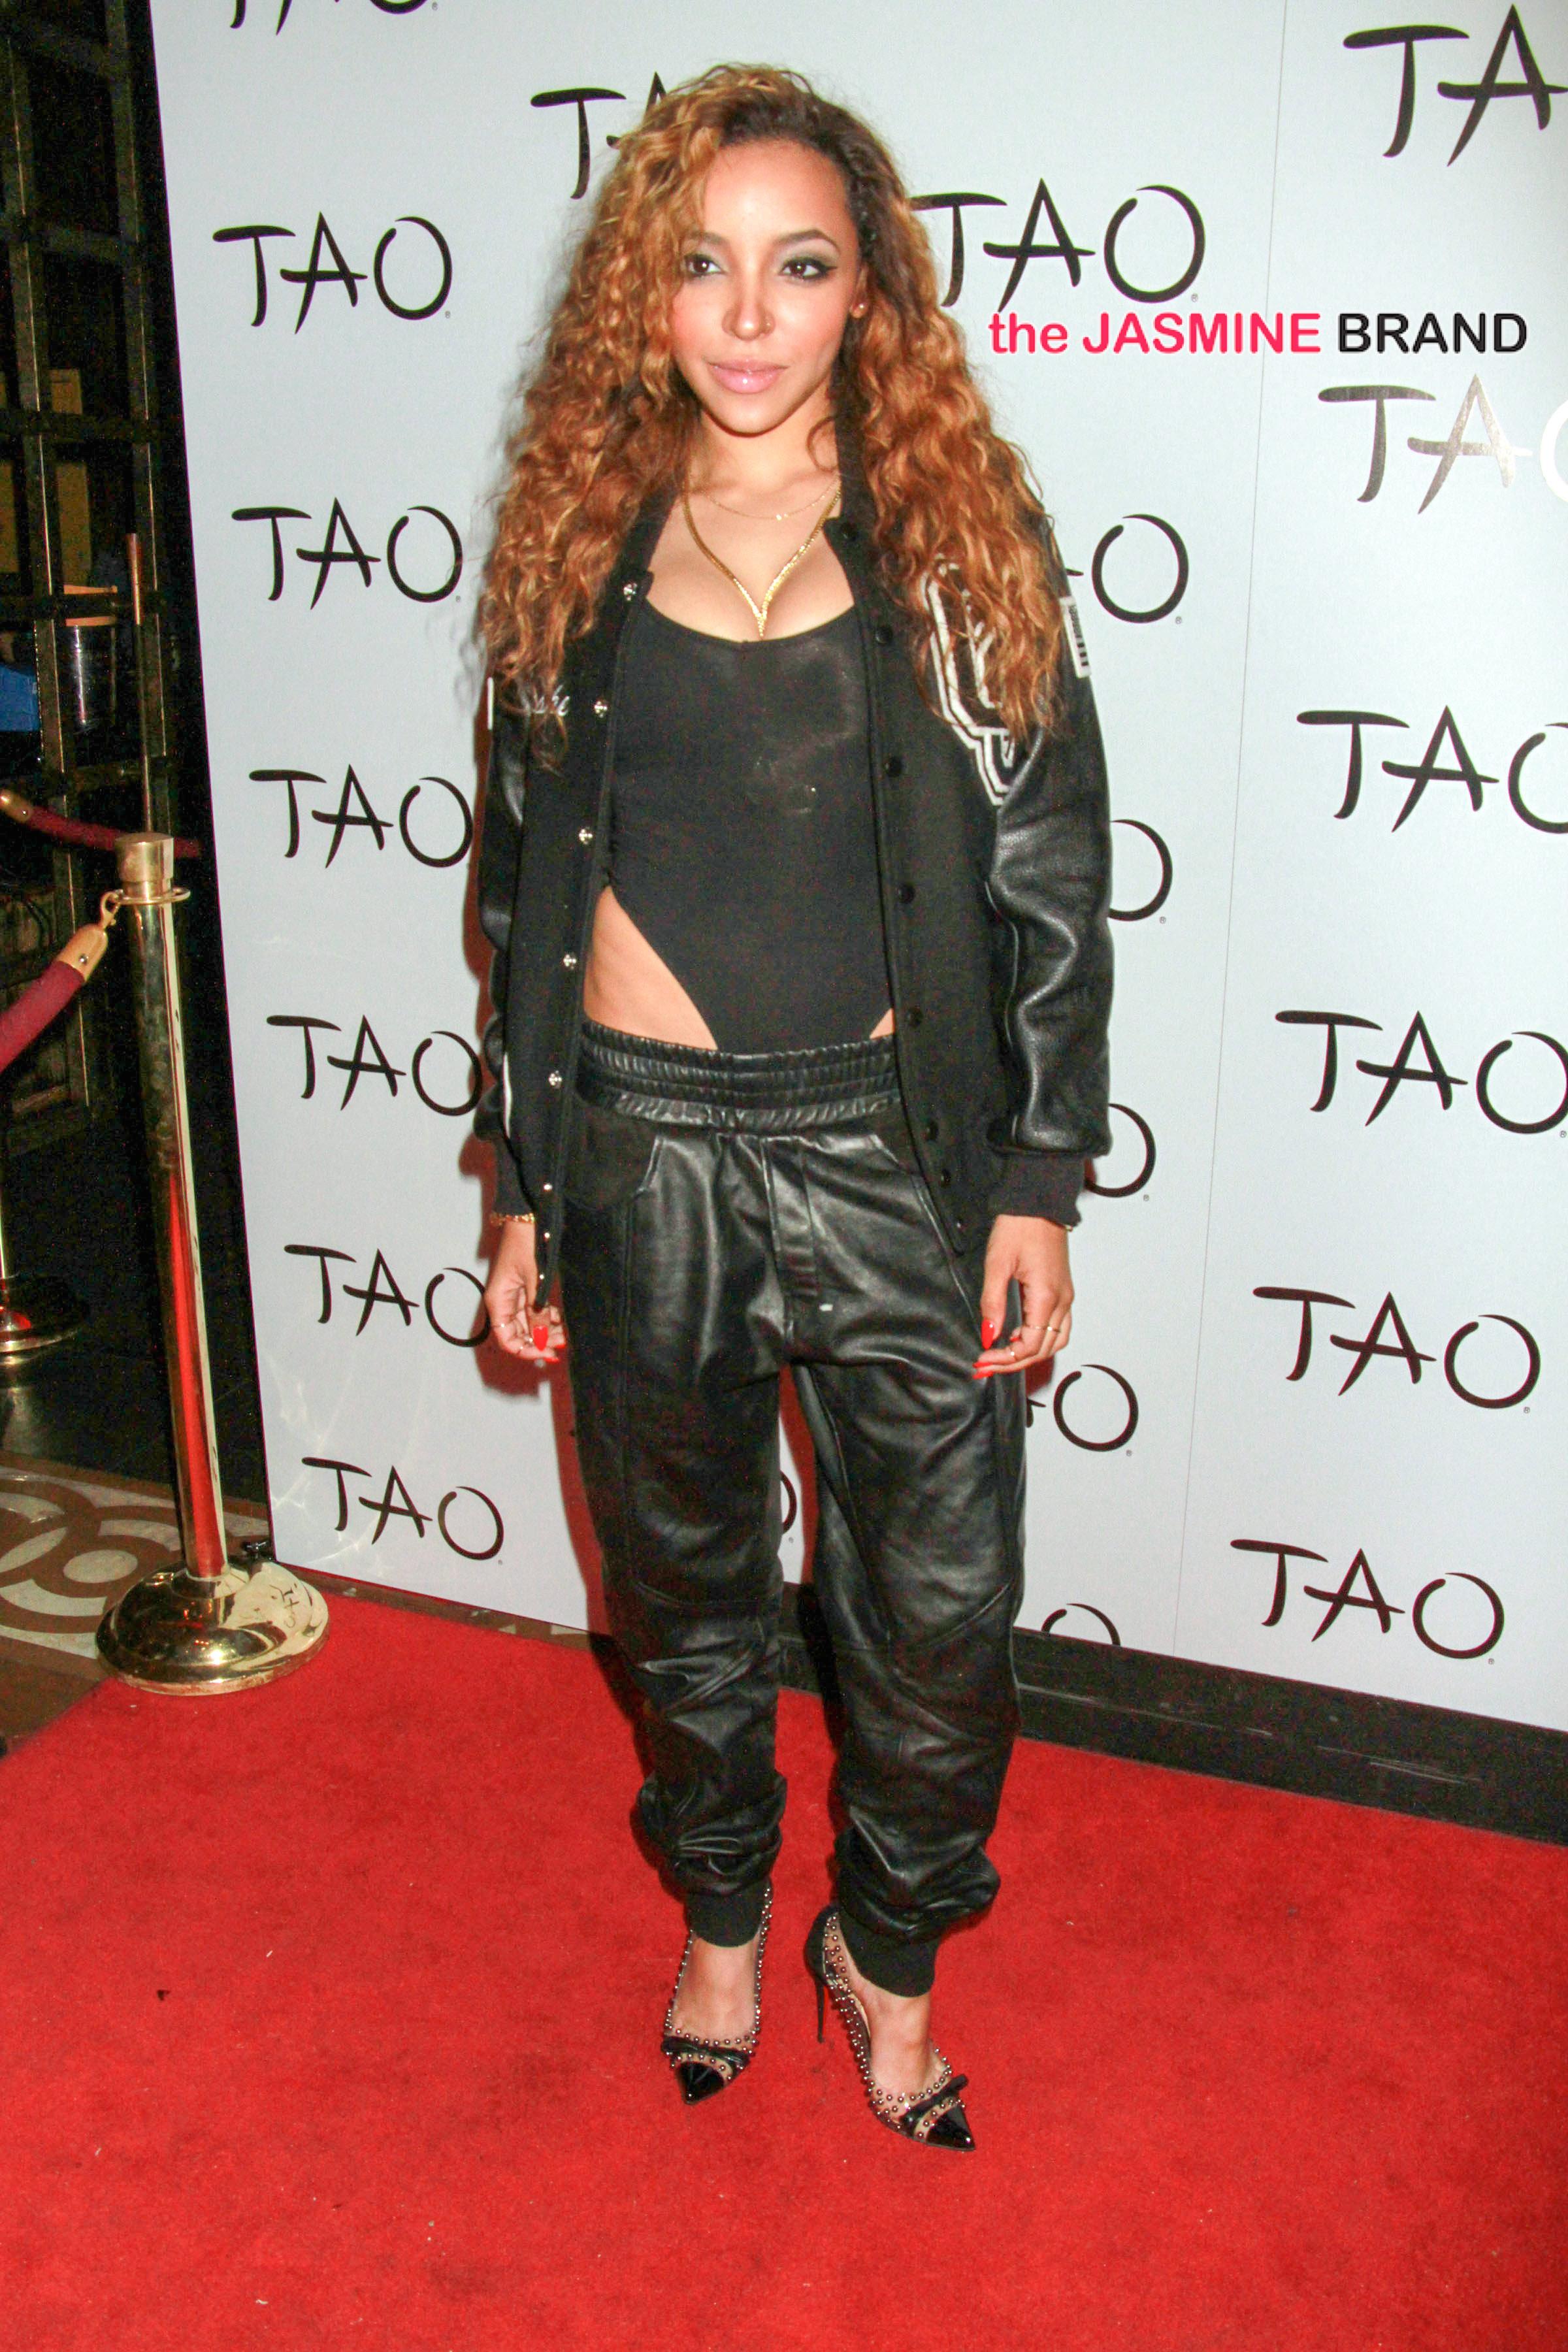 """Tinashe's """"Aquarius"""" Album Release Party at Tao Las Vegas on October 16, 2014"""